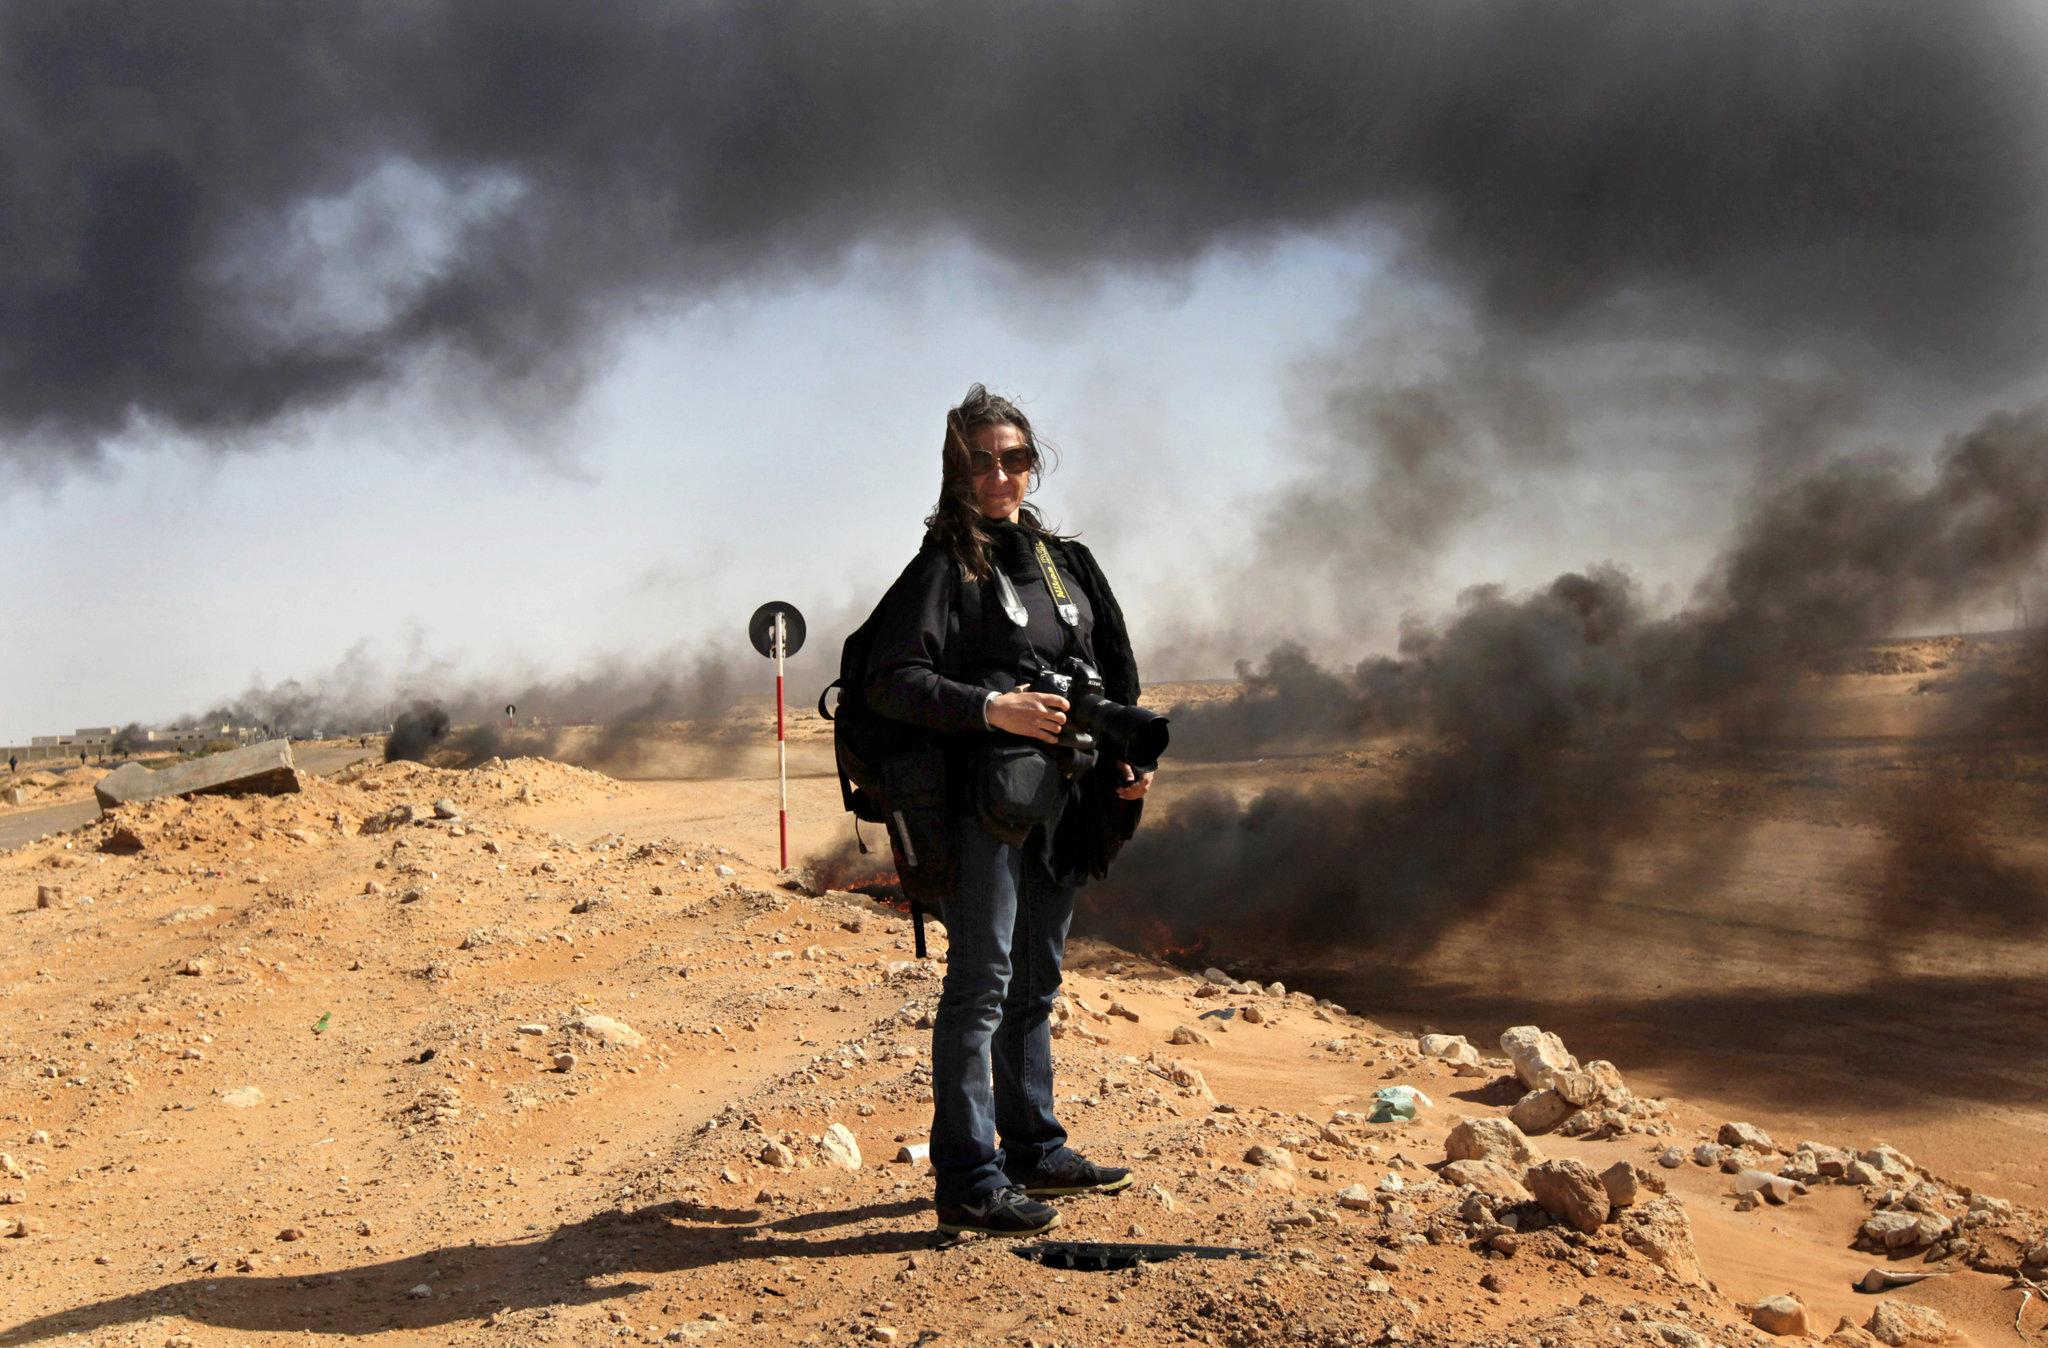 Lyndsey Addario en Libye en 2011 © John Moore / Getty Images